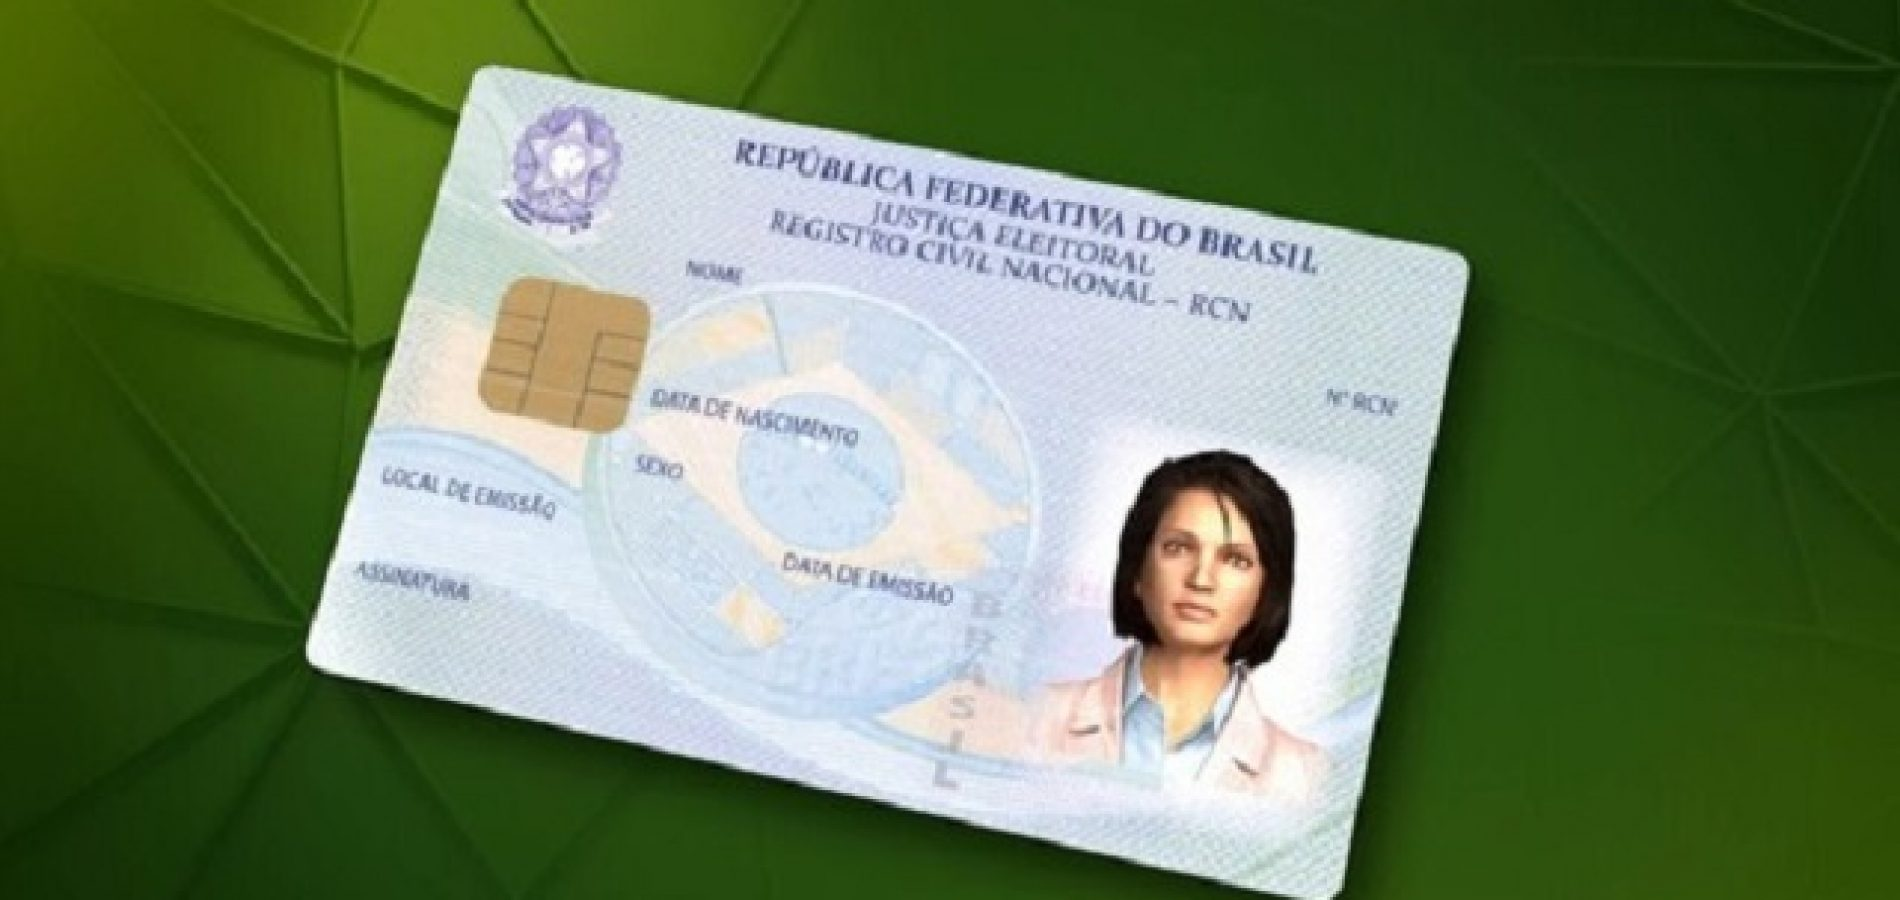 Temer sanciona lei que cria documento de identificação unificado